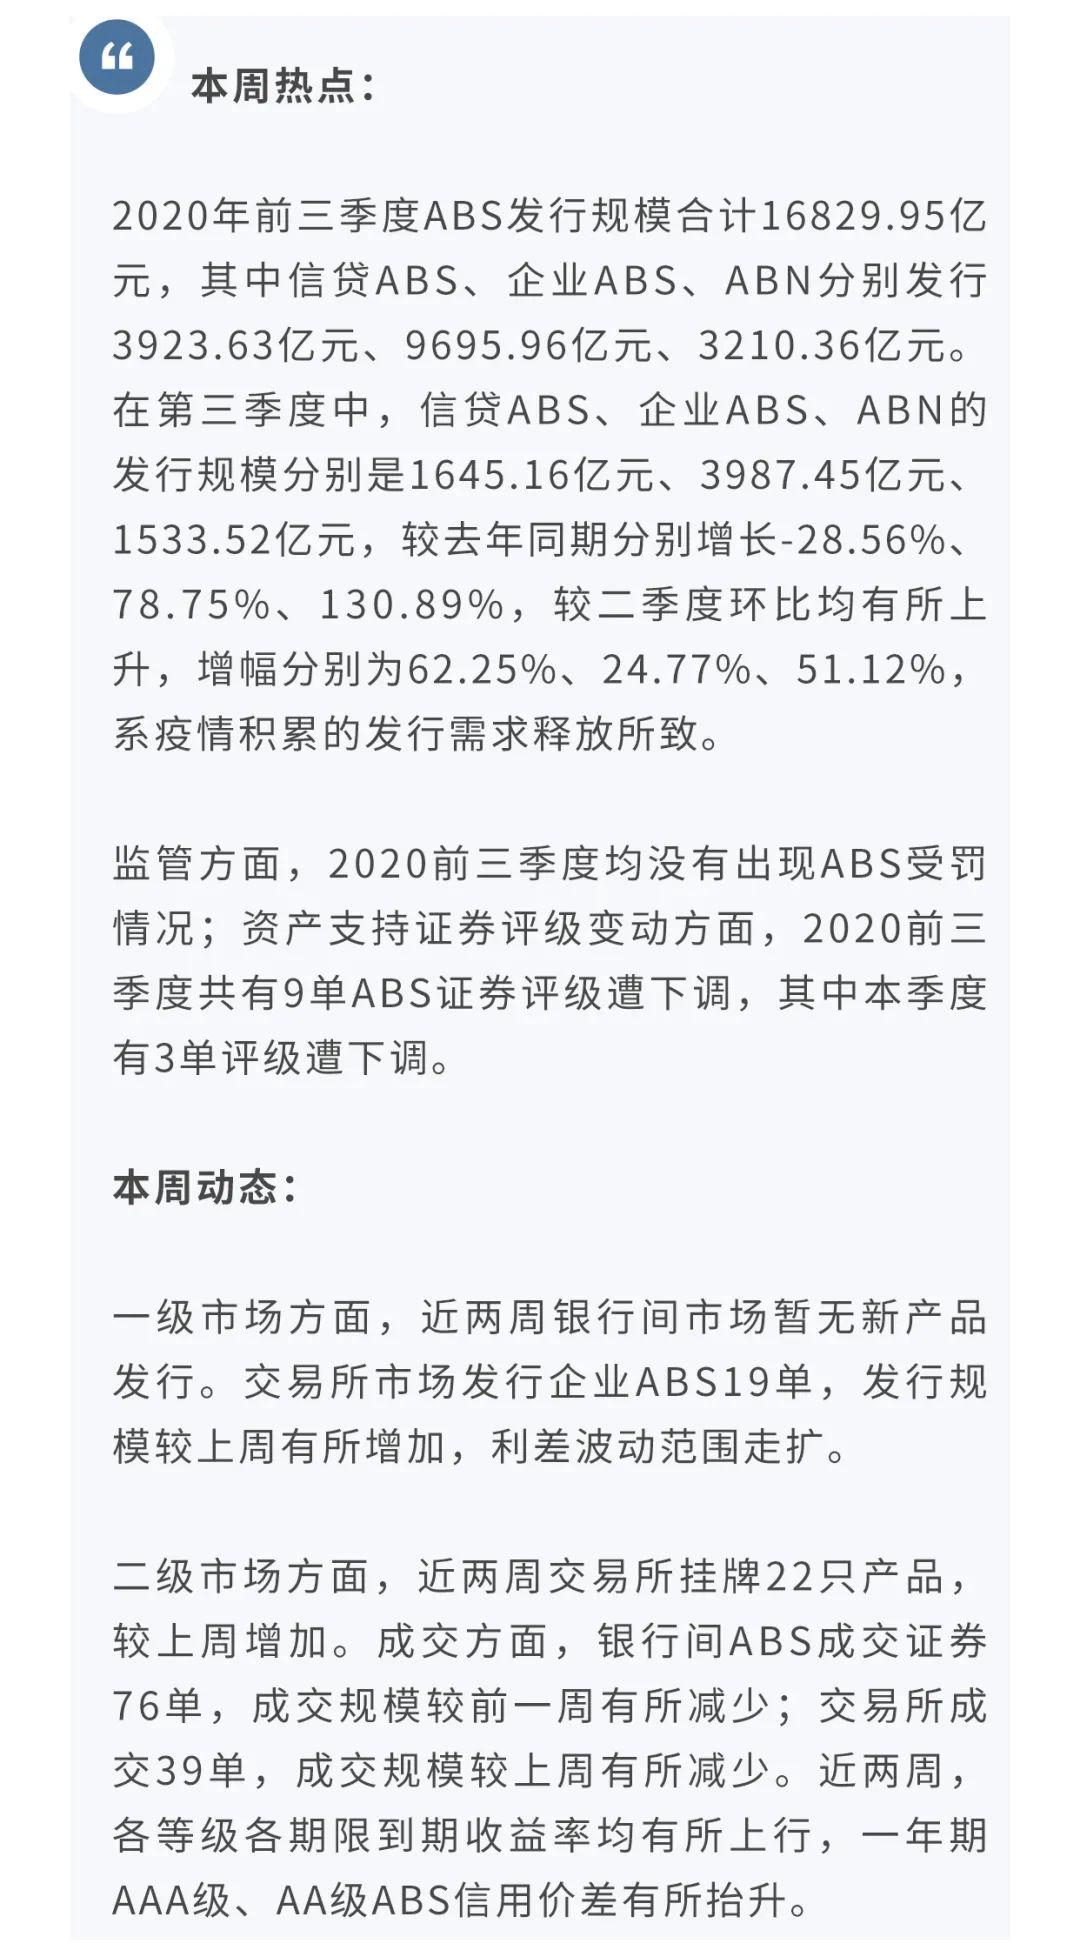 【信用】【ABS周度观察】 2020年三季度ABS市场概